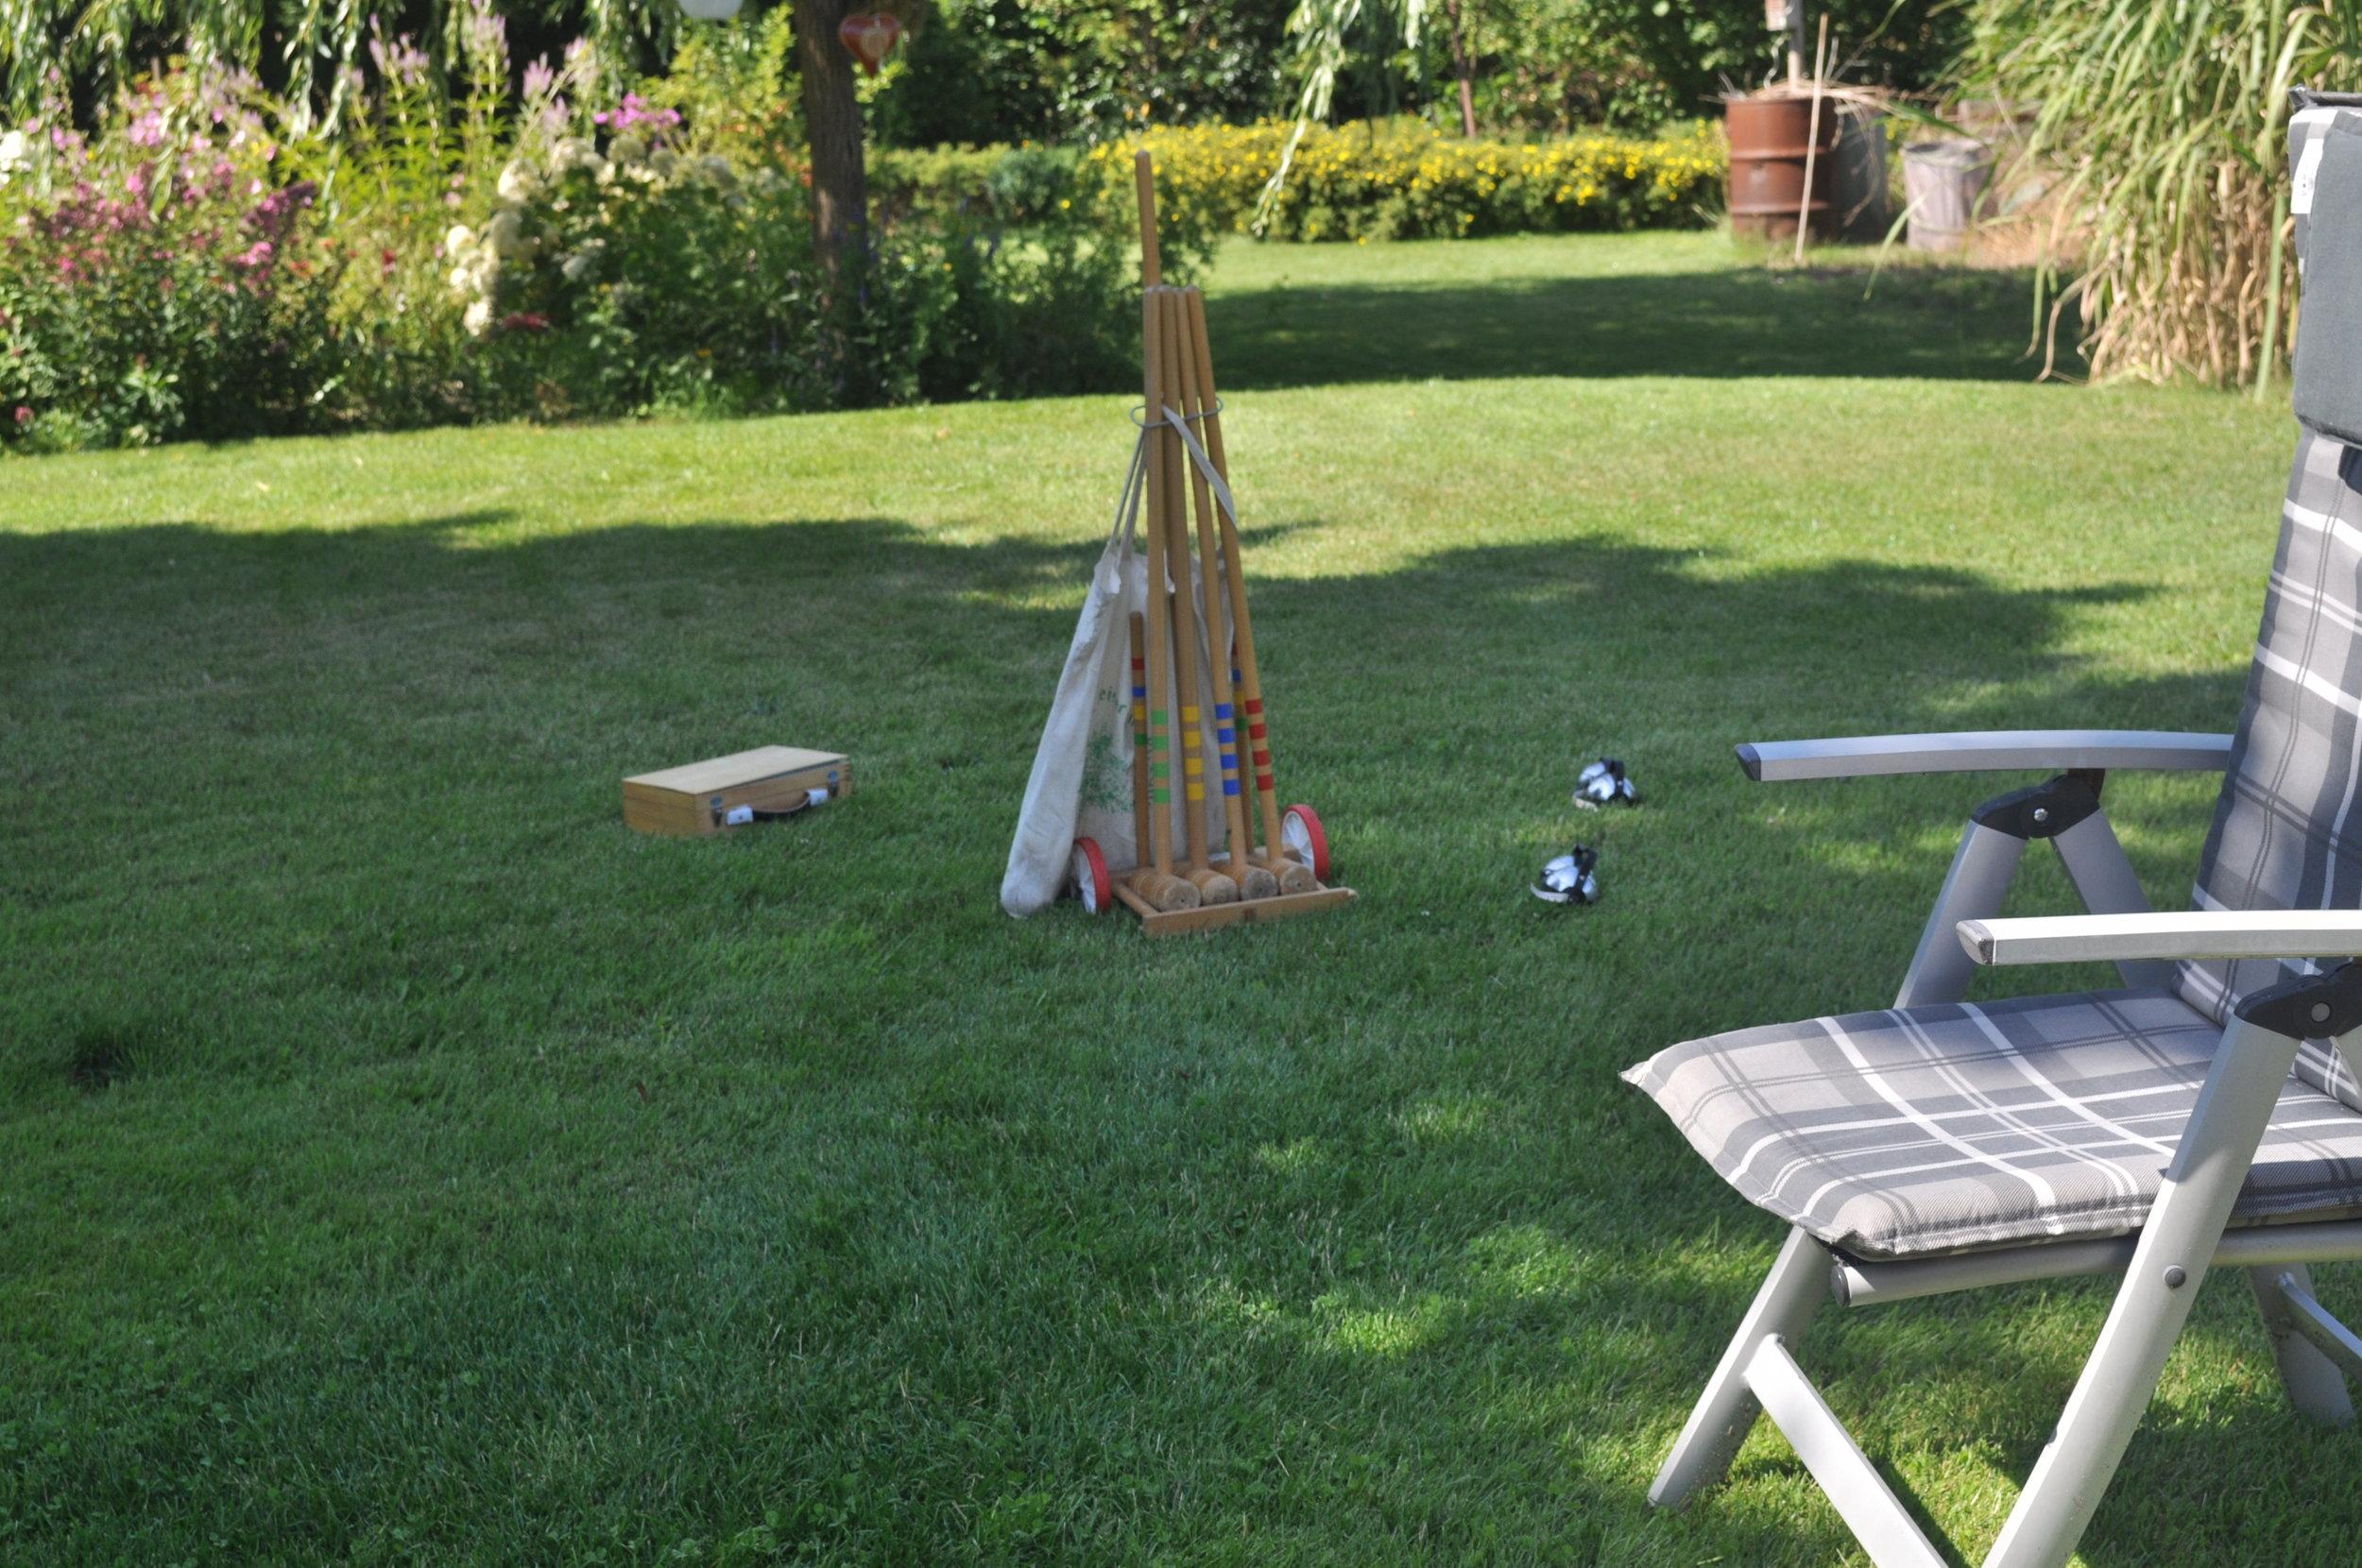 ... sich fürs Outdoor-Spielen gestärkt. Boule gehört unbedingt dazu!